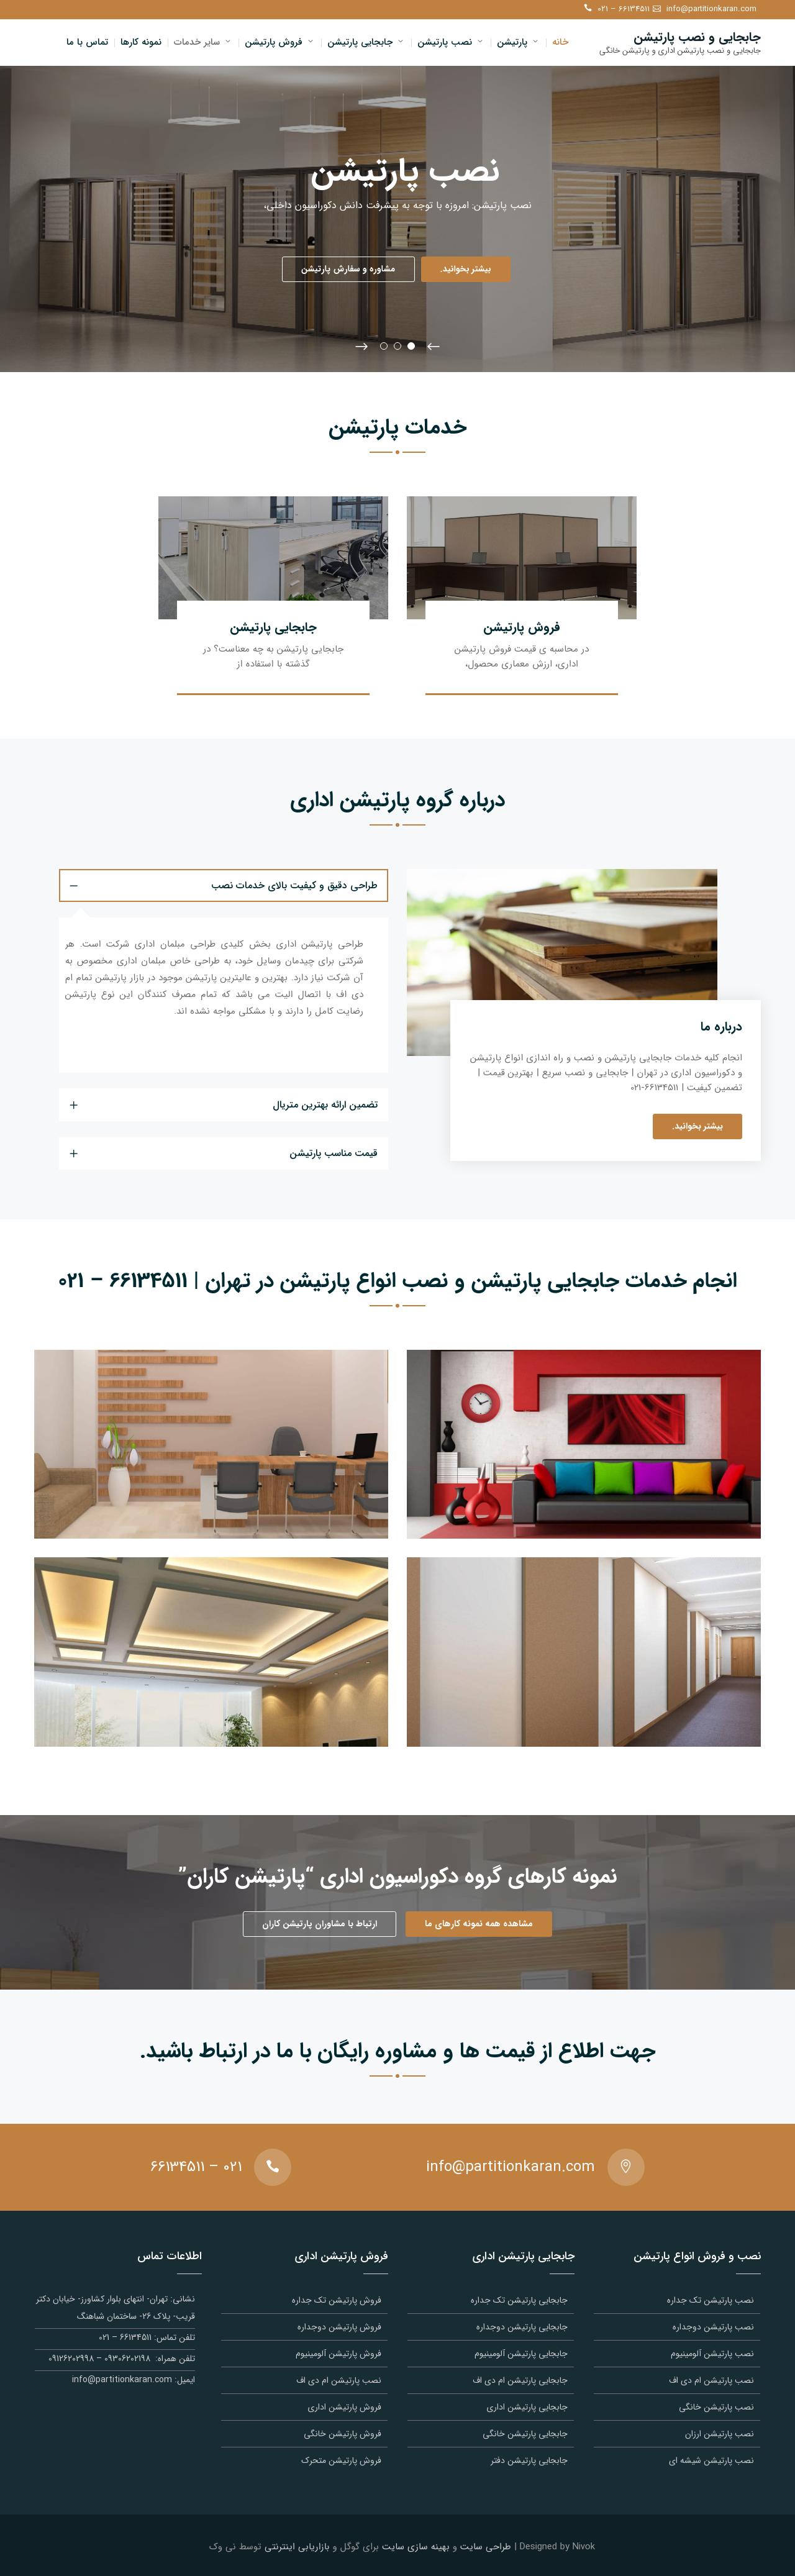 طراحی سایت شرکتی جابجایی و نصب پارتیشن partitionkaran